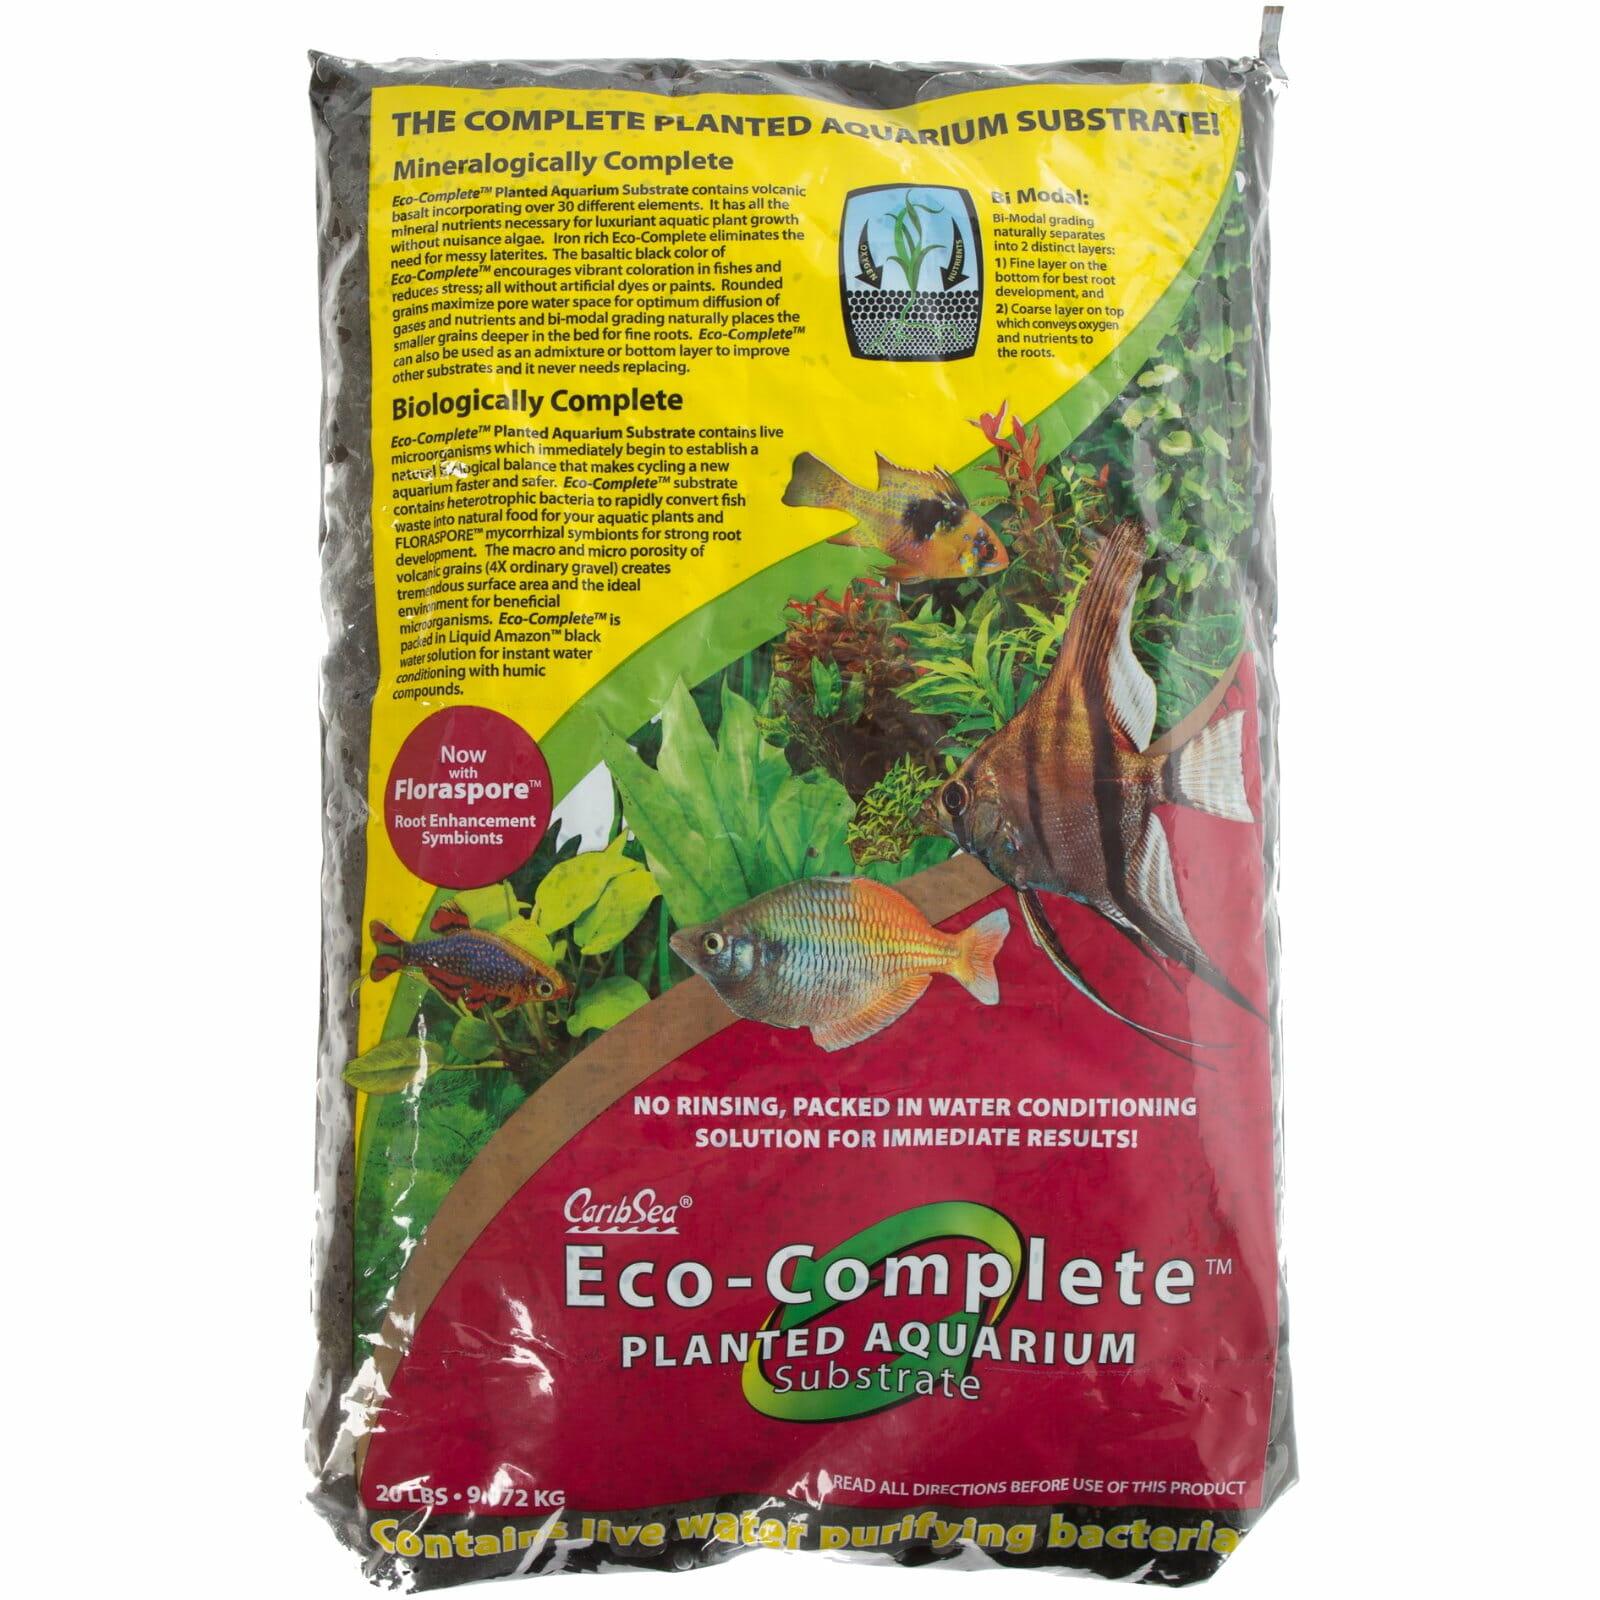 Carib Sea Eco Complete Planted Aquarium Substrate Black 9 1kg 20lbs Gravel Aquarium Central